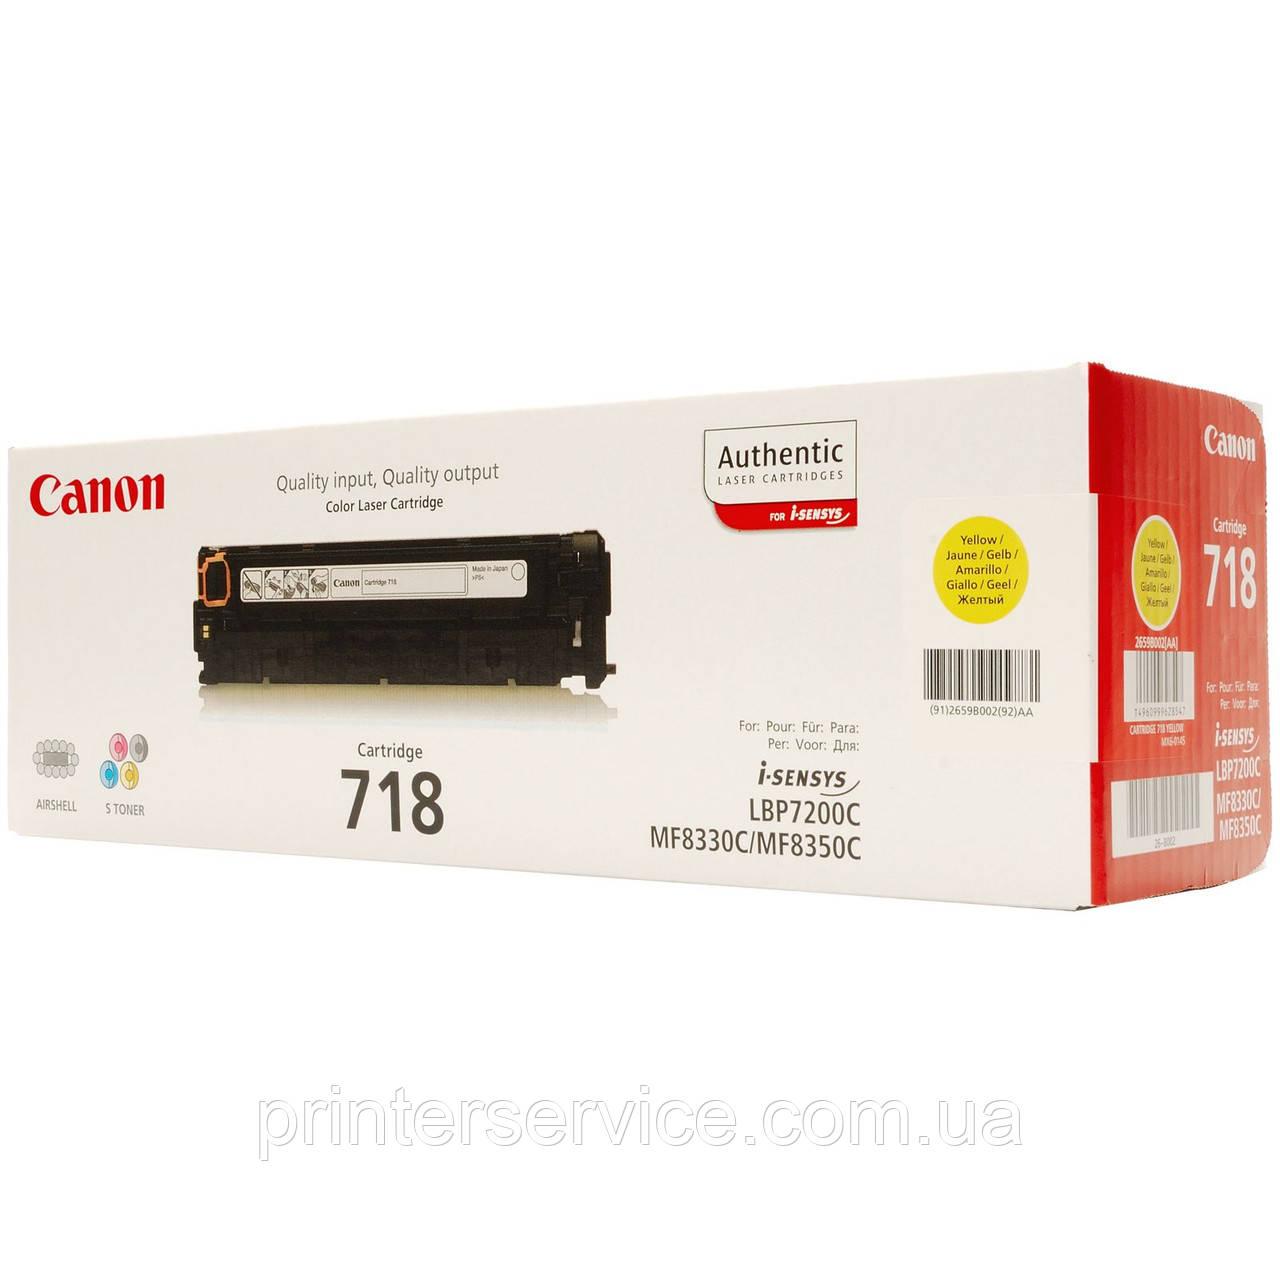 Canon 718 yellow для LBP-7200 и MF8330/8350